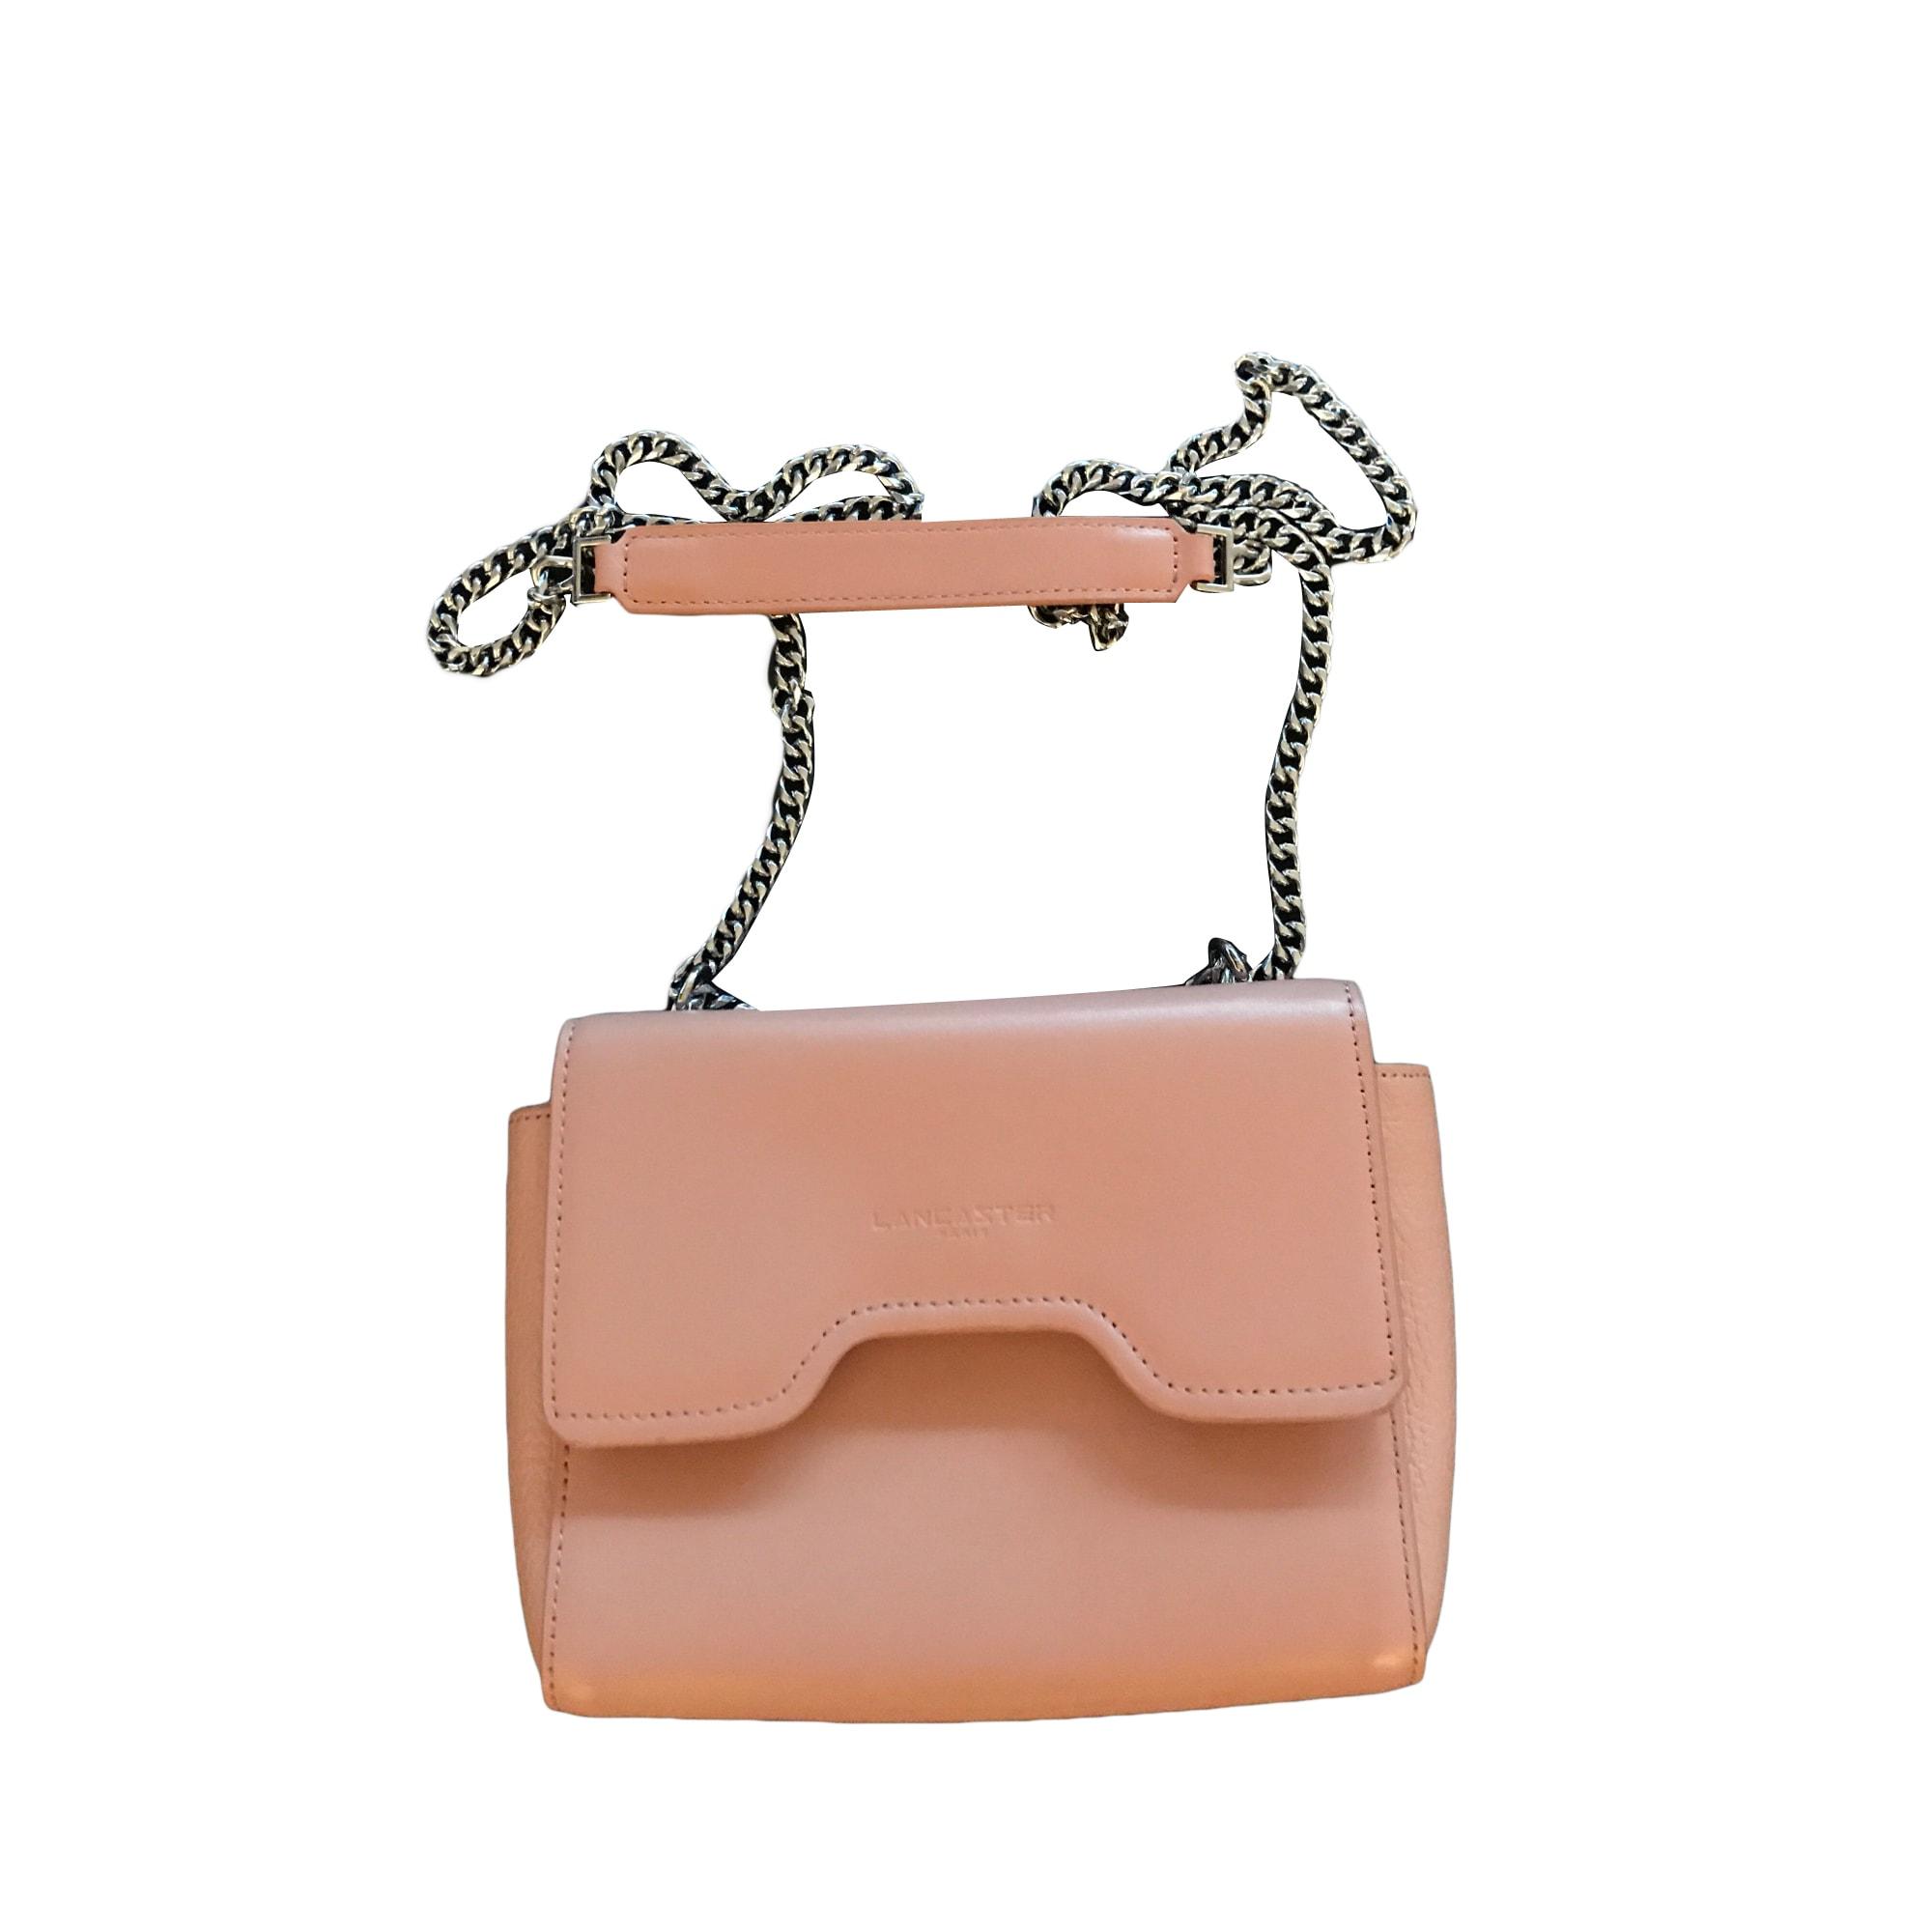 Leather Shoulder Bag LANCASTER Pink, fuchsia, light pink